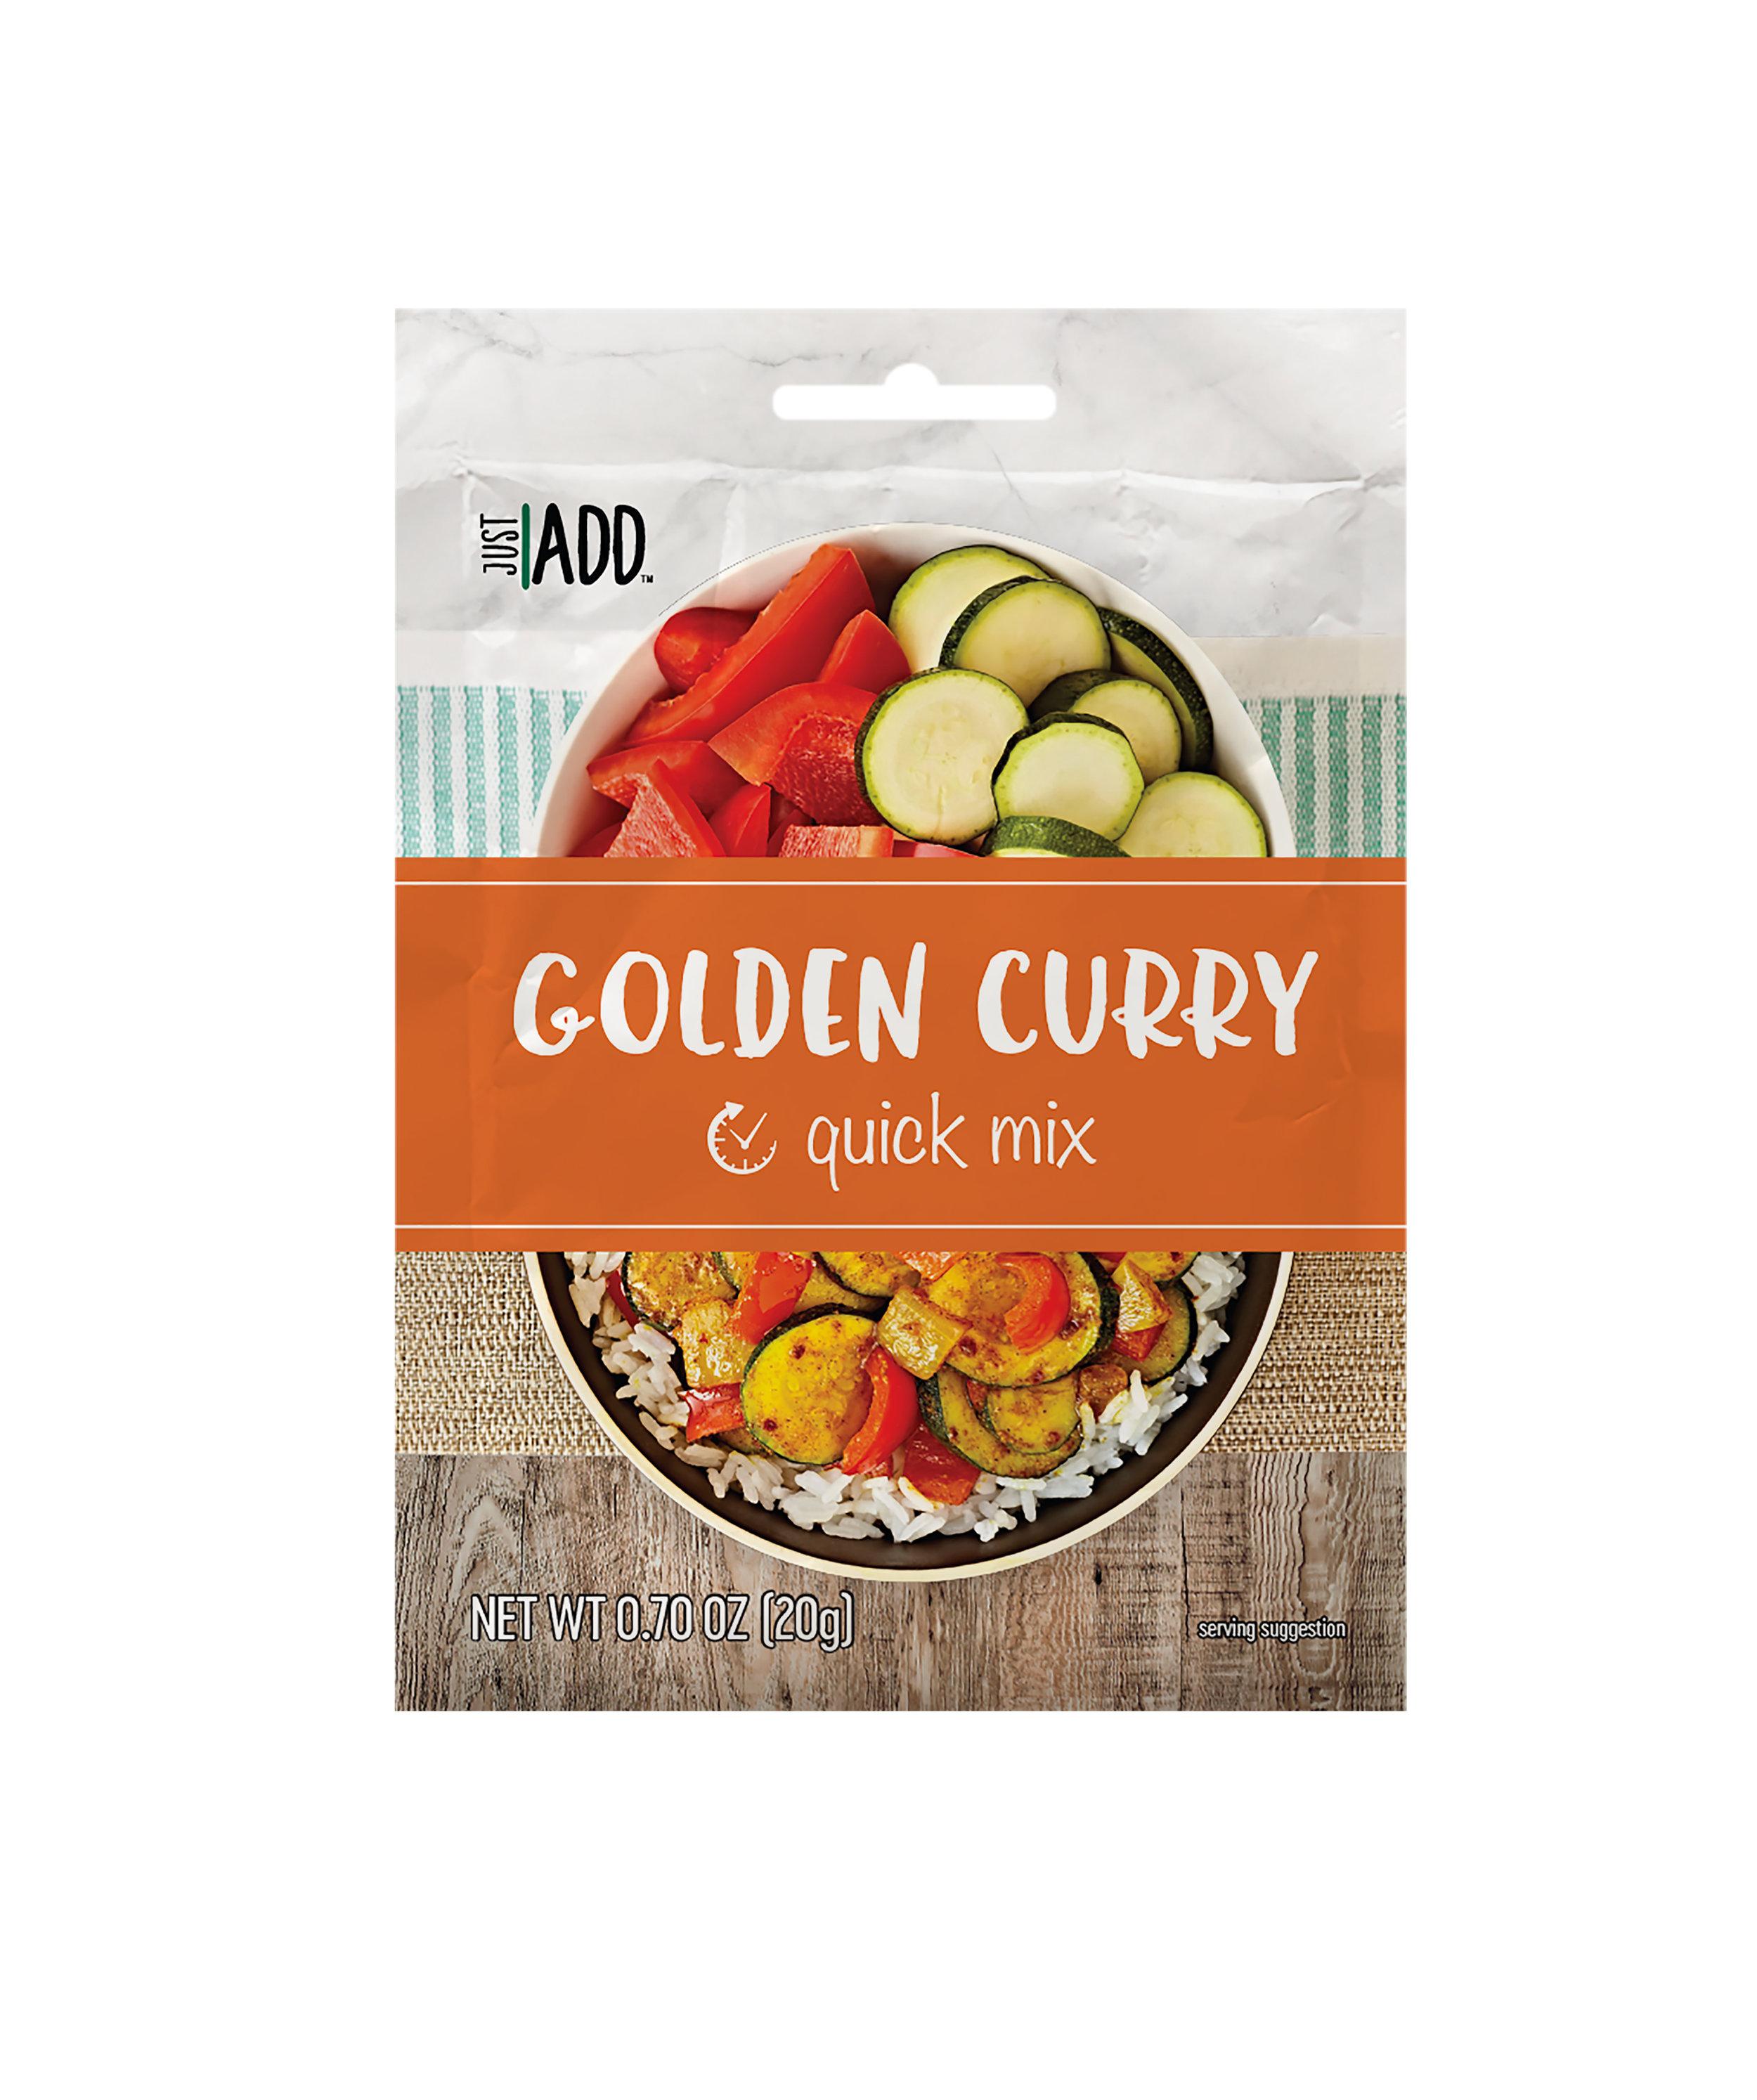 Golden-Curry.jpg